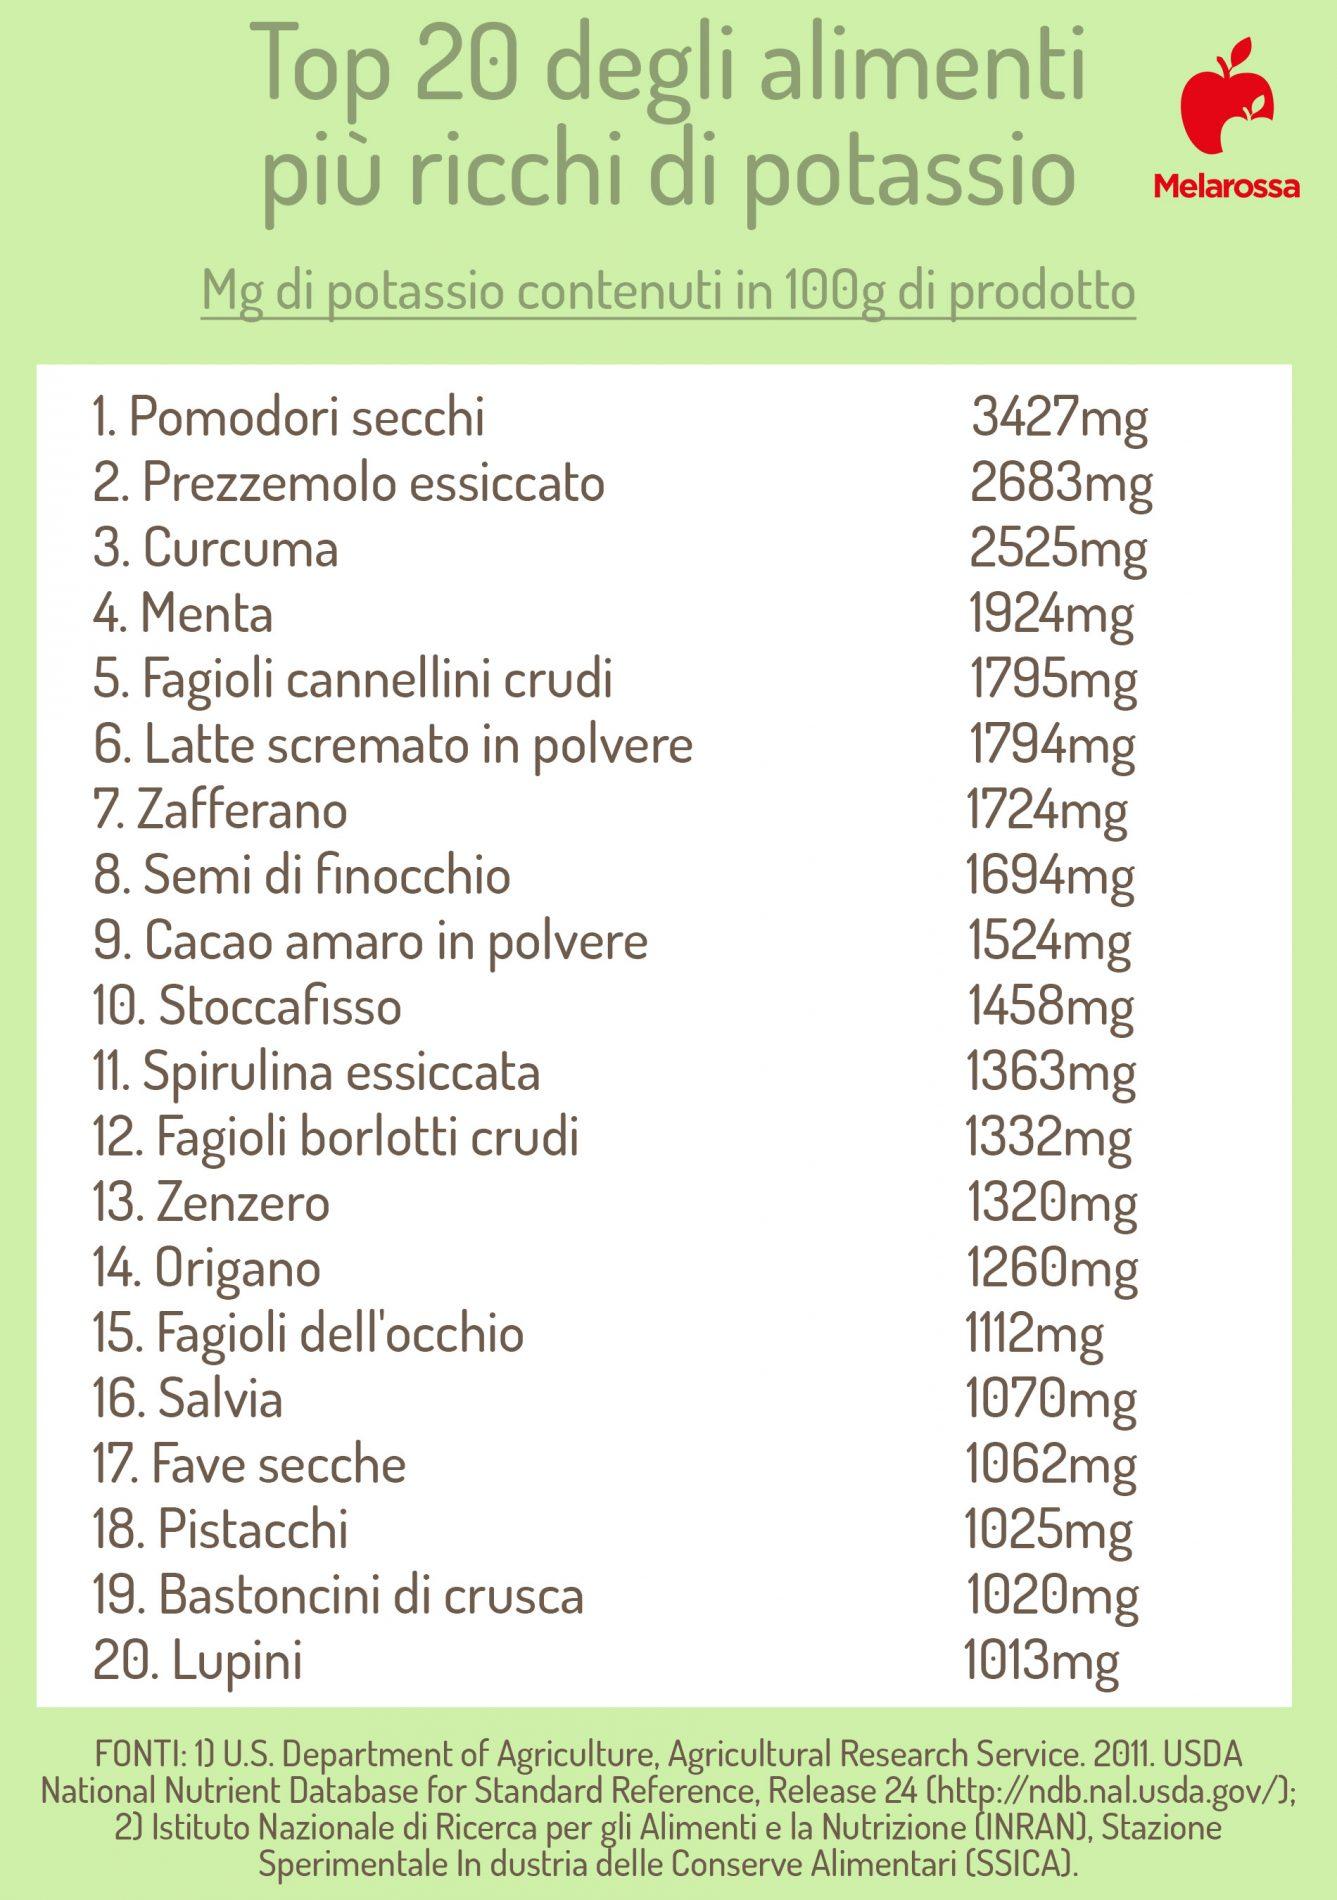 los 20 alimentos más ricos en potasio